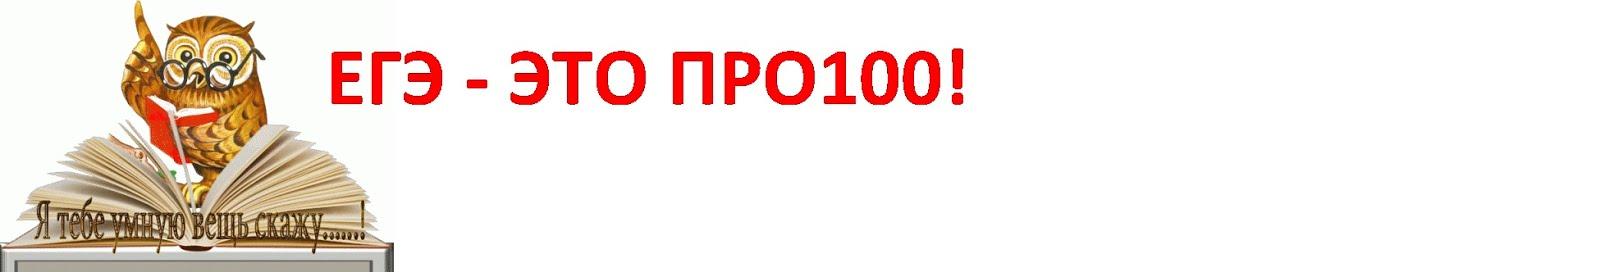 ЕГЭ - это ПРО 100